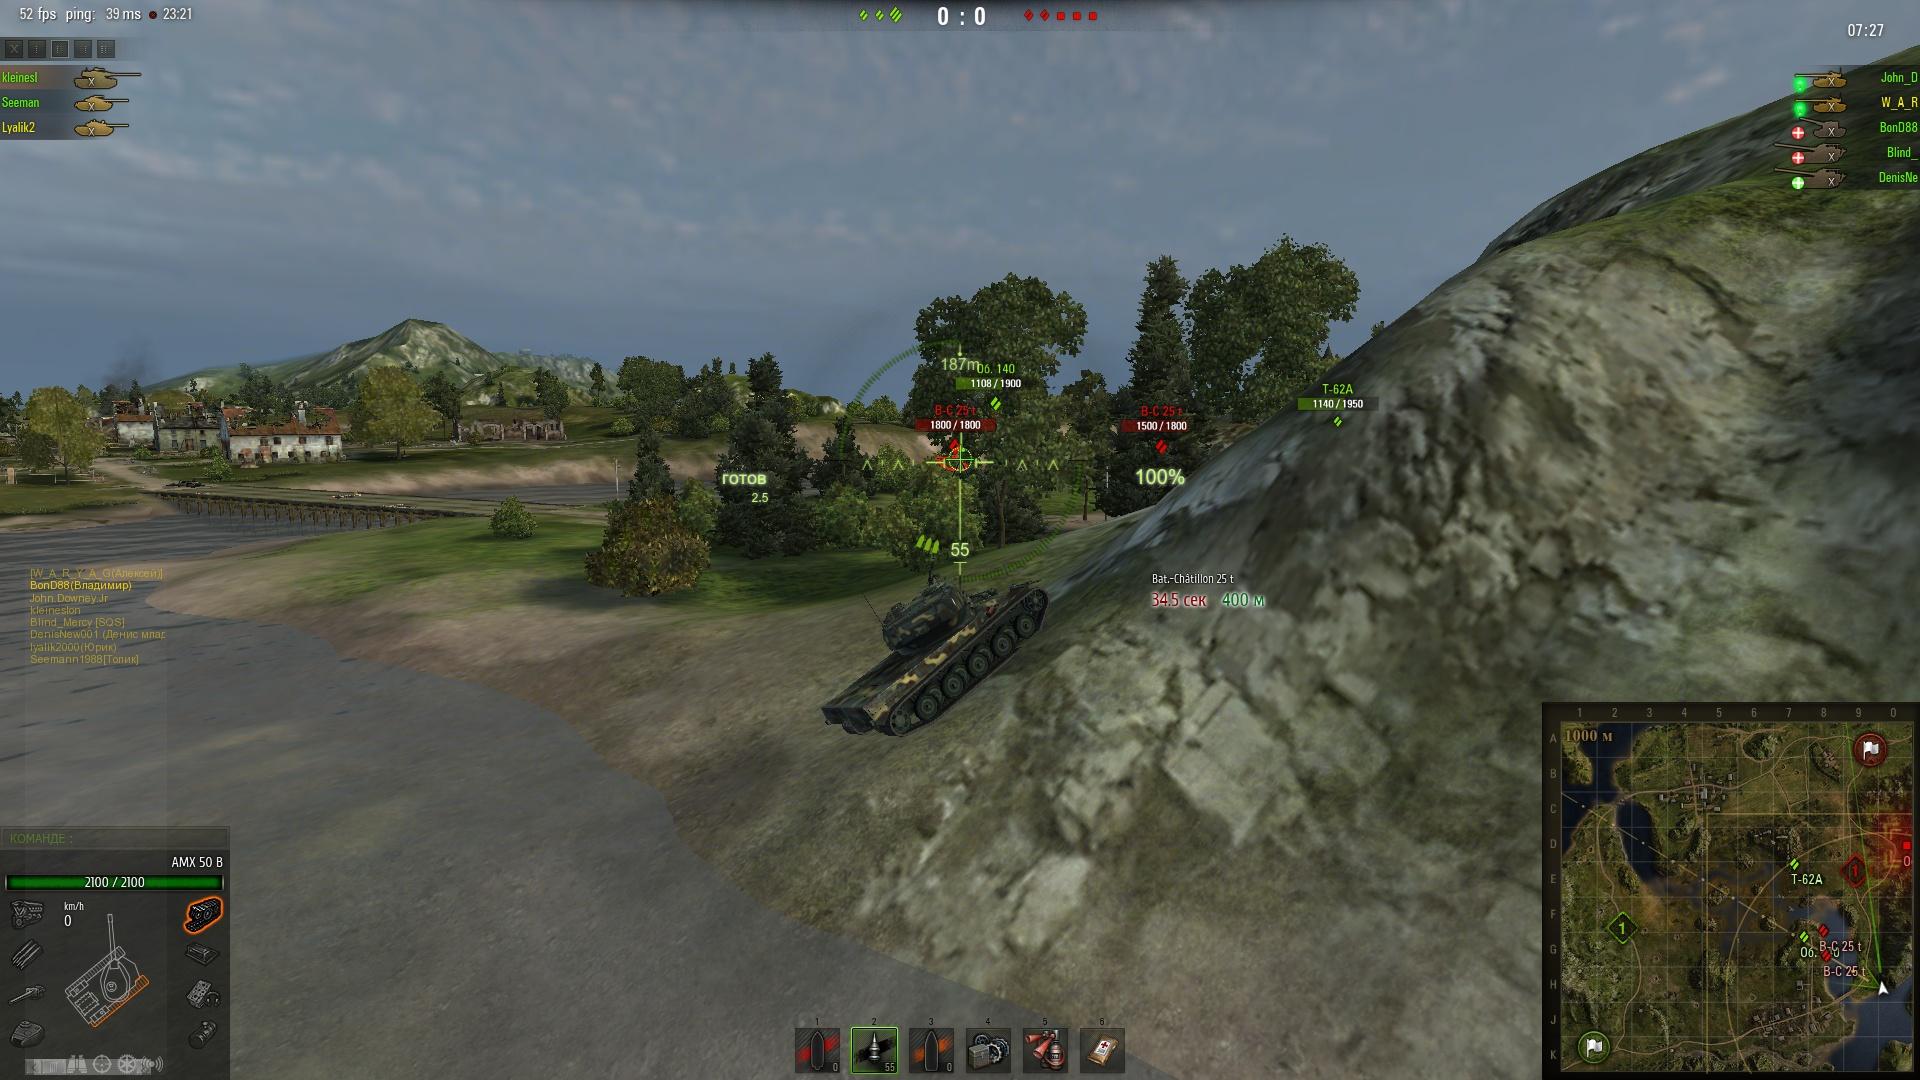 НБ уничтожение О10 с О9